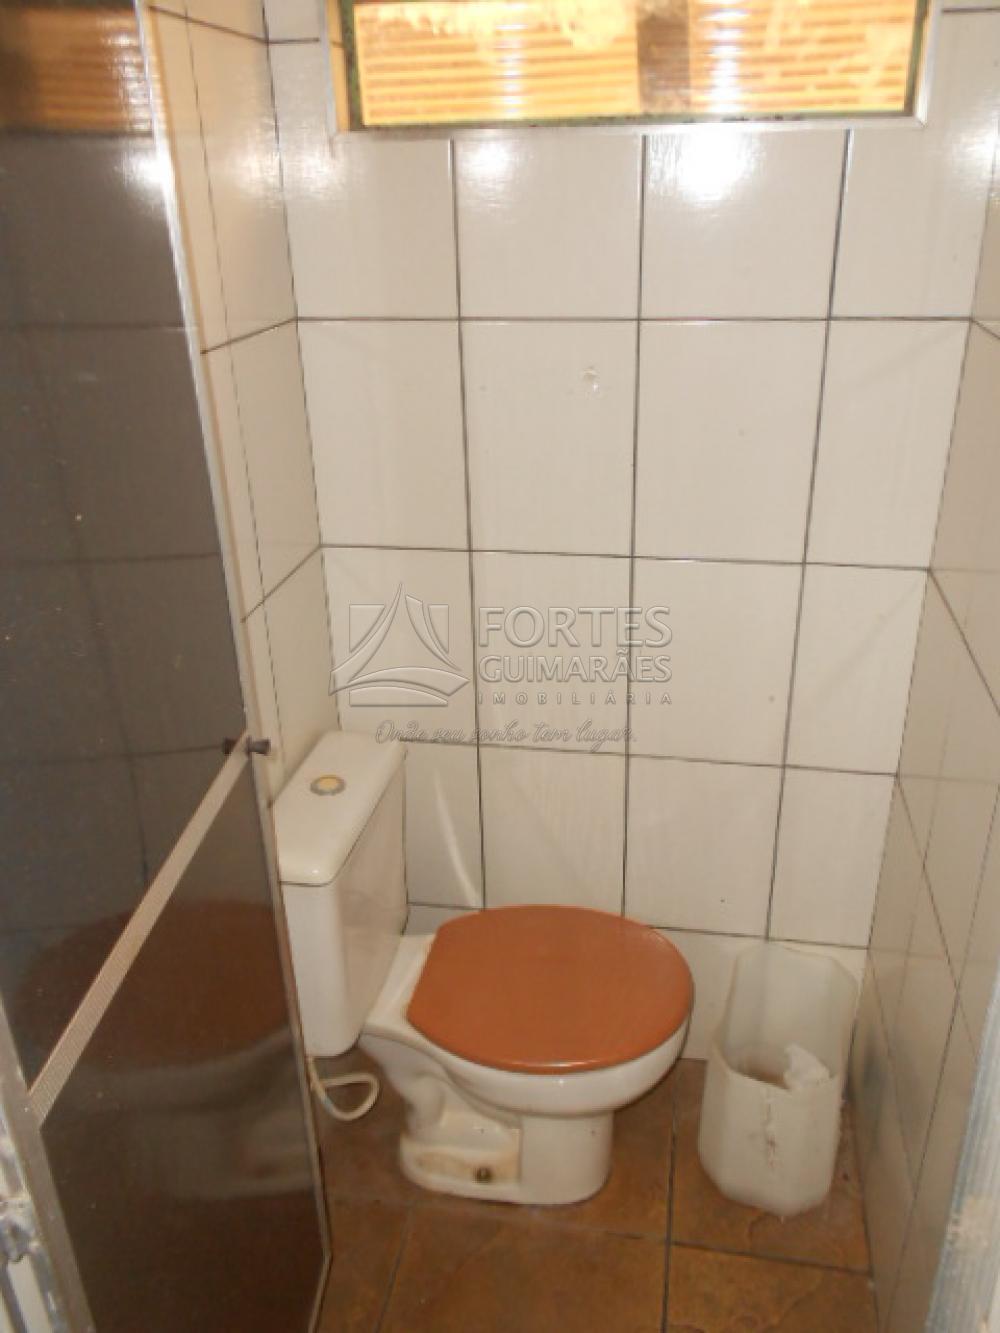 Alugar Comercial / Salão em Ribeirão Preto apenas R$ 3.200,00 - Foto 15